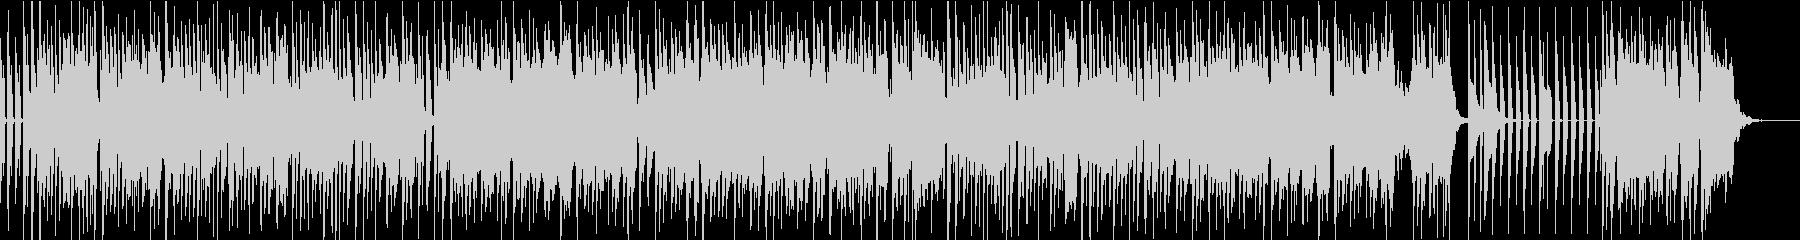 アーバン・ダンサブルポップスのカラオケの未再生の波形